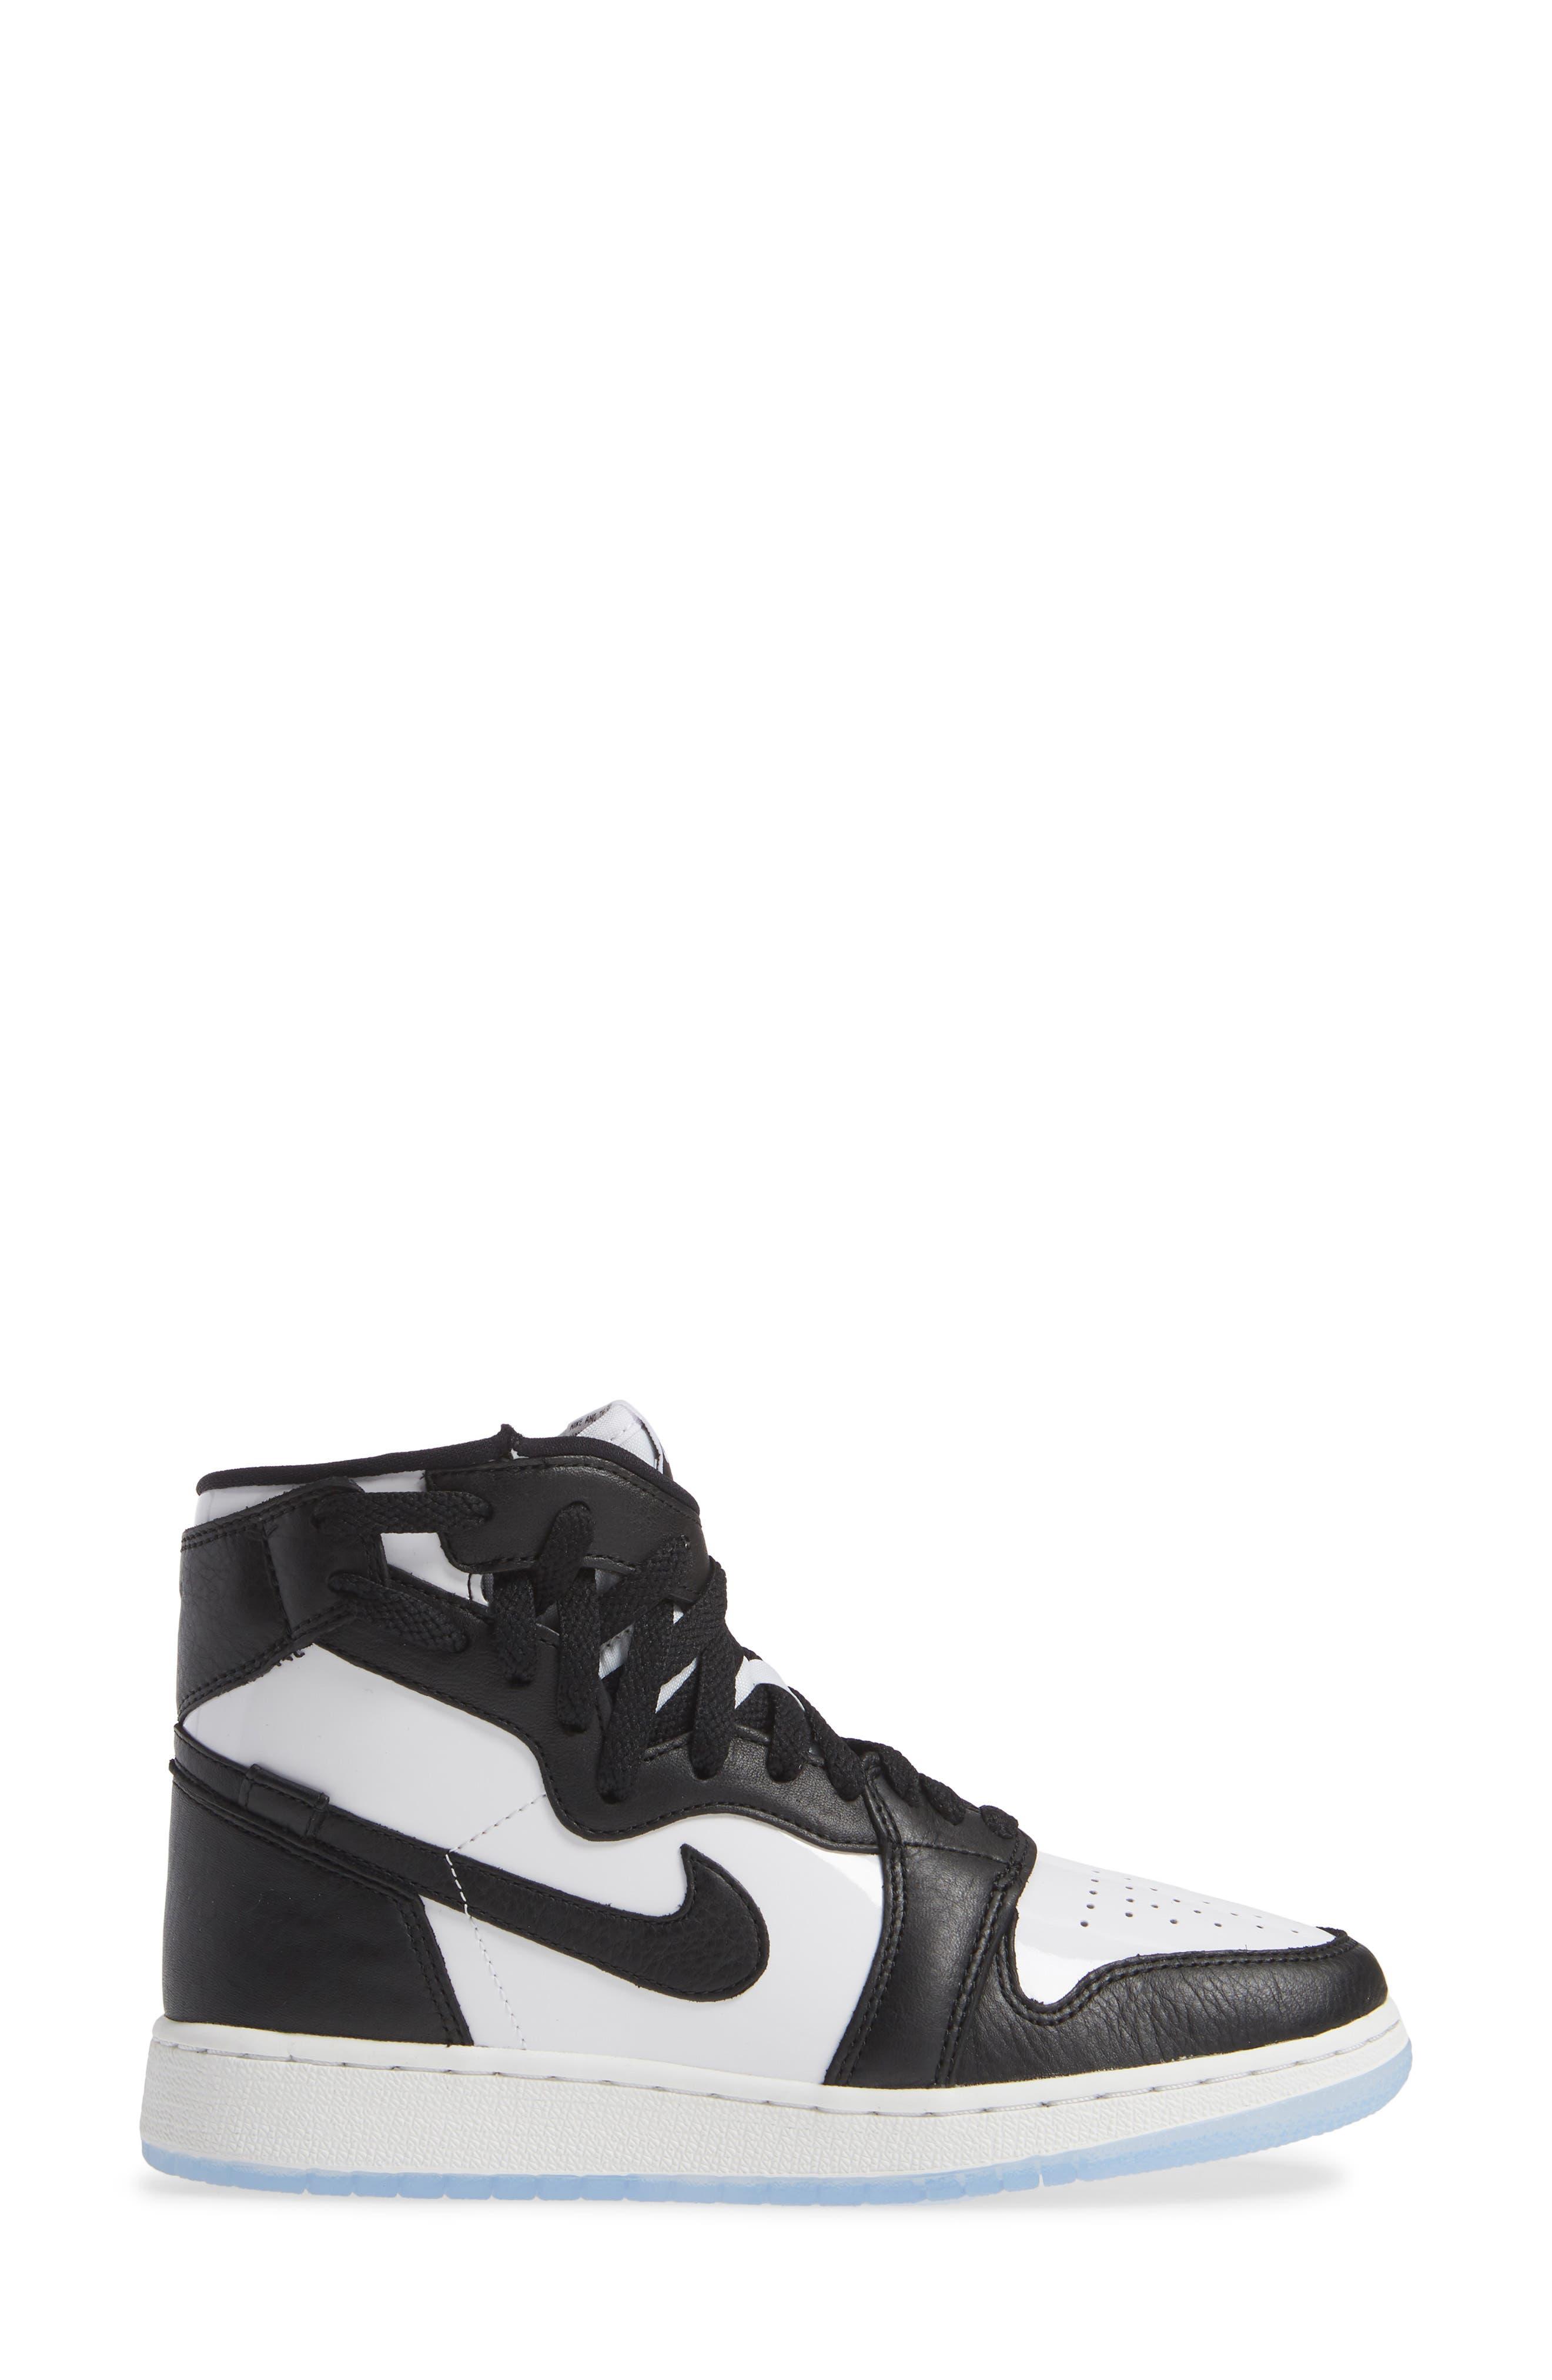 NIKE, Air Jordan 1 Rebel XX High Top Sneaker, Alternate thumbnail 3, color, BLACK/ BLACK